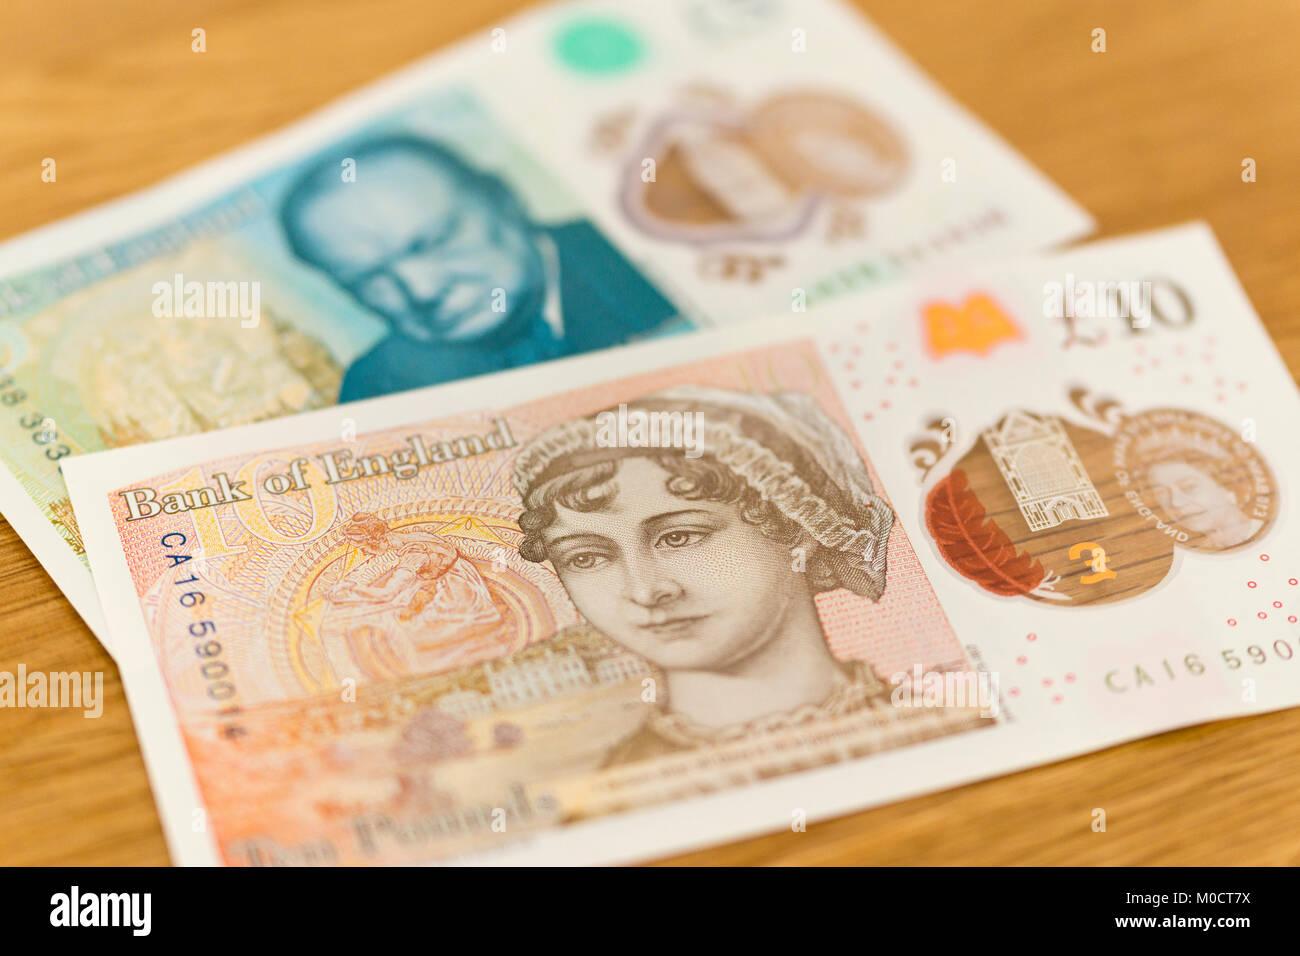 Nuevos polímeros Inglés £10 y £5 billetes con Jane Austen y Winston Churchill Imagen De Stock